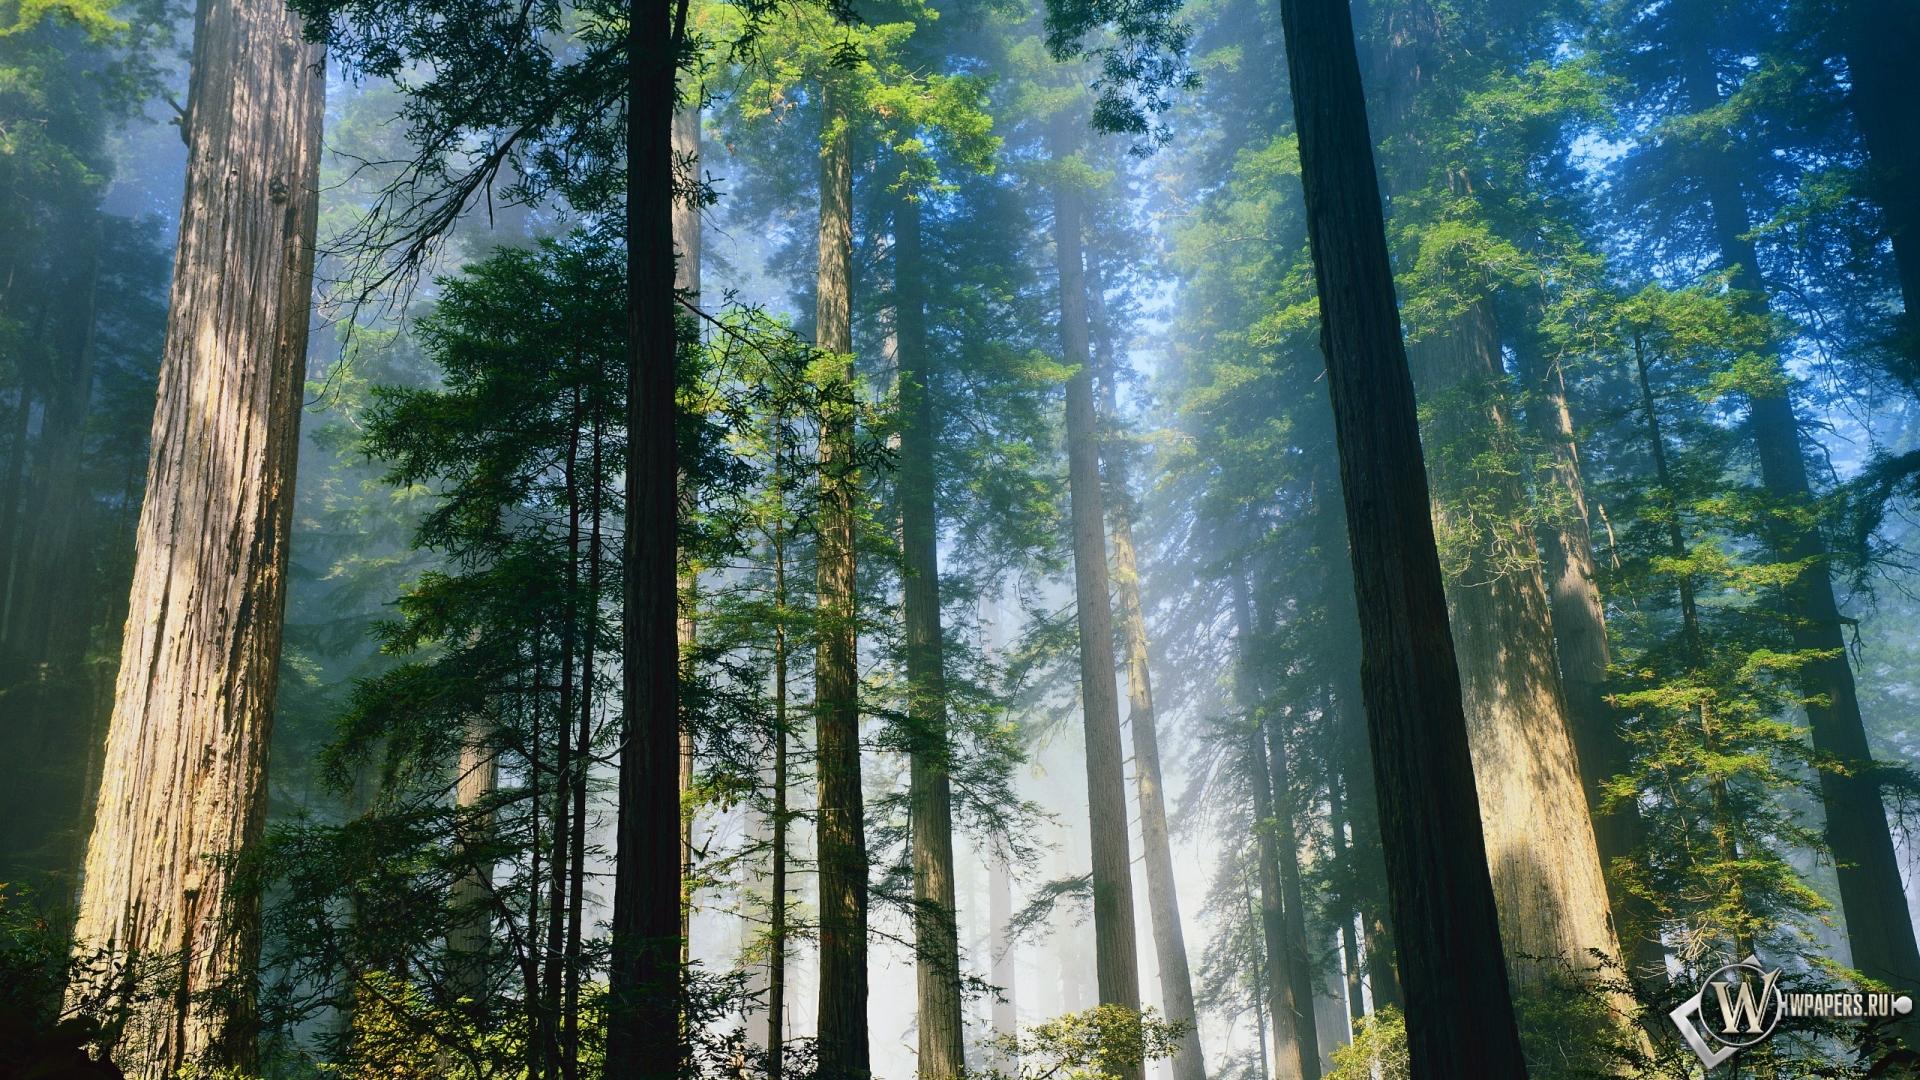 свет обоев 138 лес обоев 261 лето обоев ...: wpapers.ru/wallpapers/Plants/Forest/10897/1920-1080_Лес.html